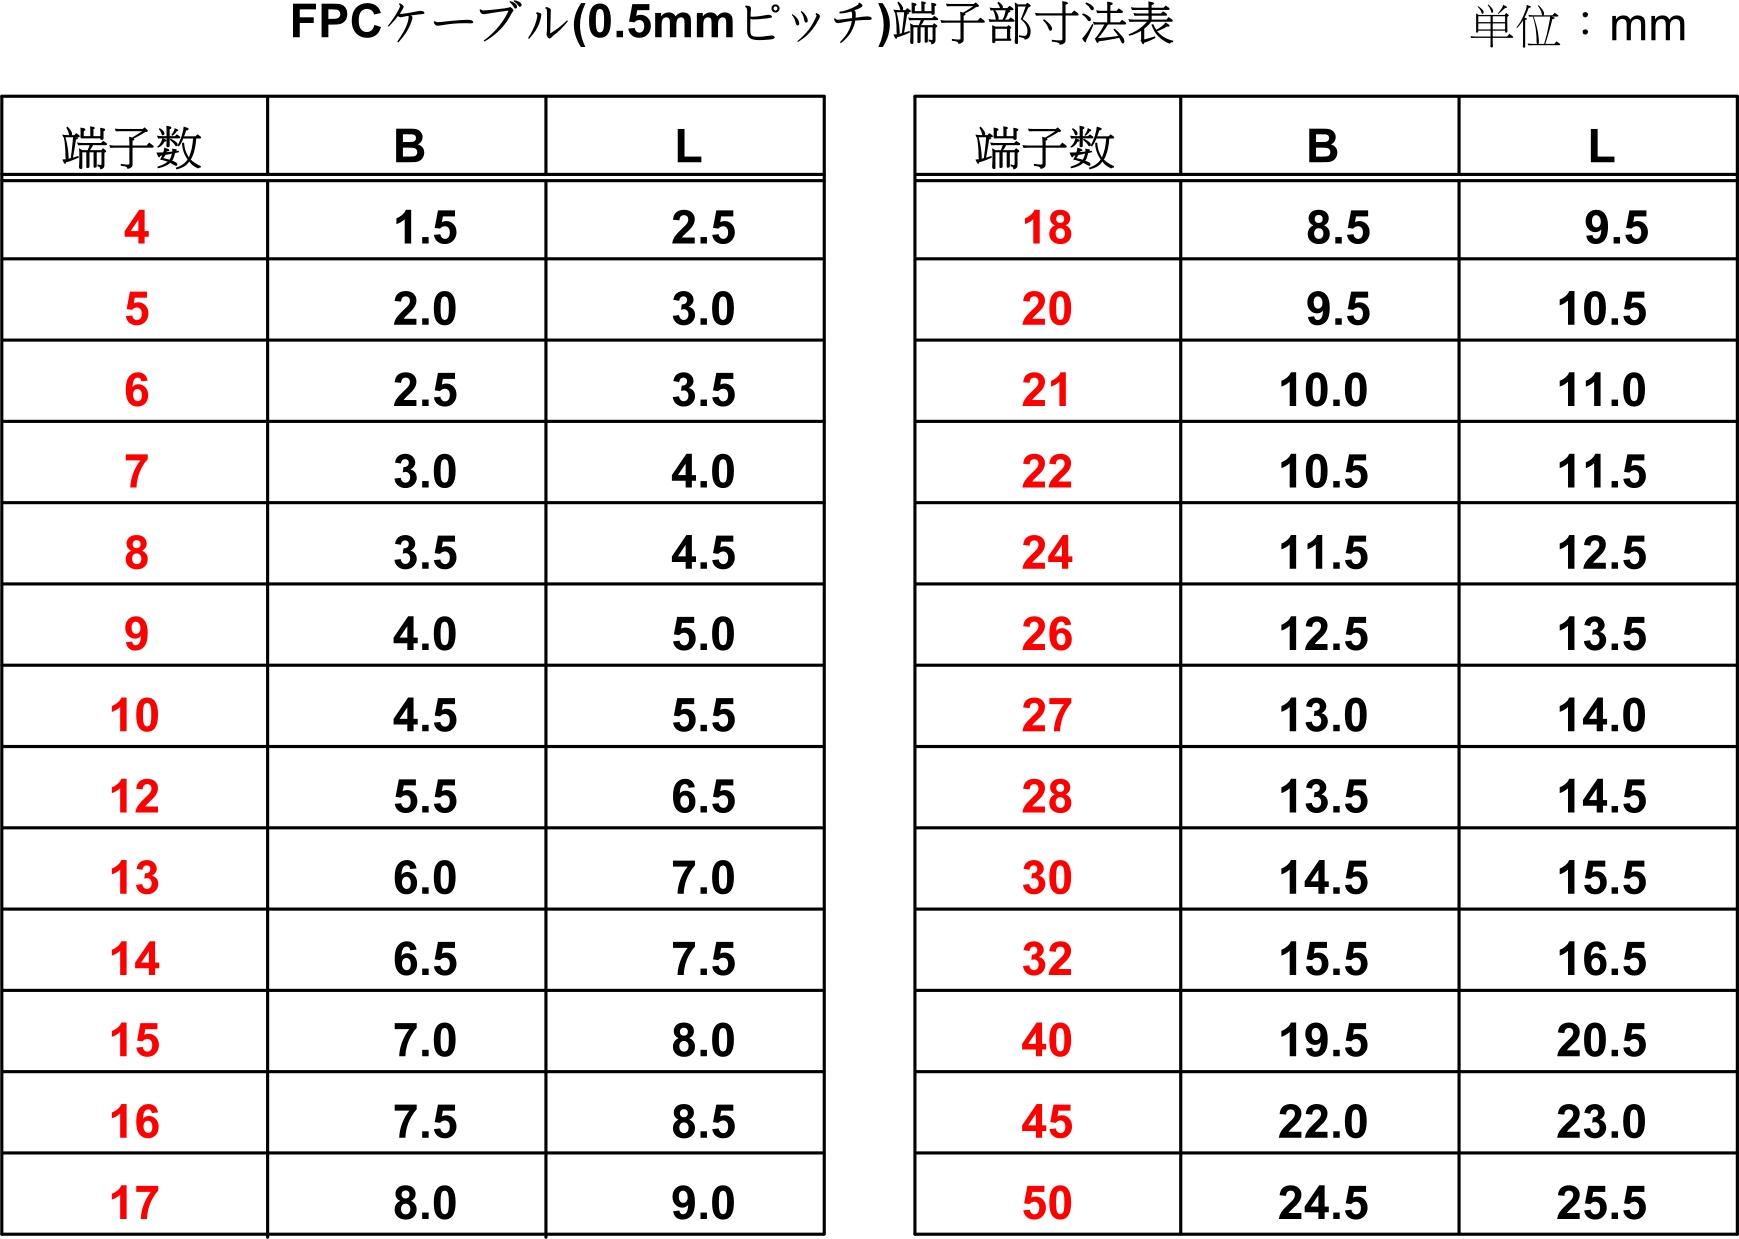 既製品フレキケーブル(FPCケーブル)の0.5mmピッチ寸法表